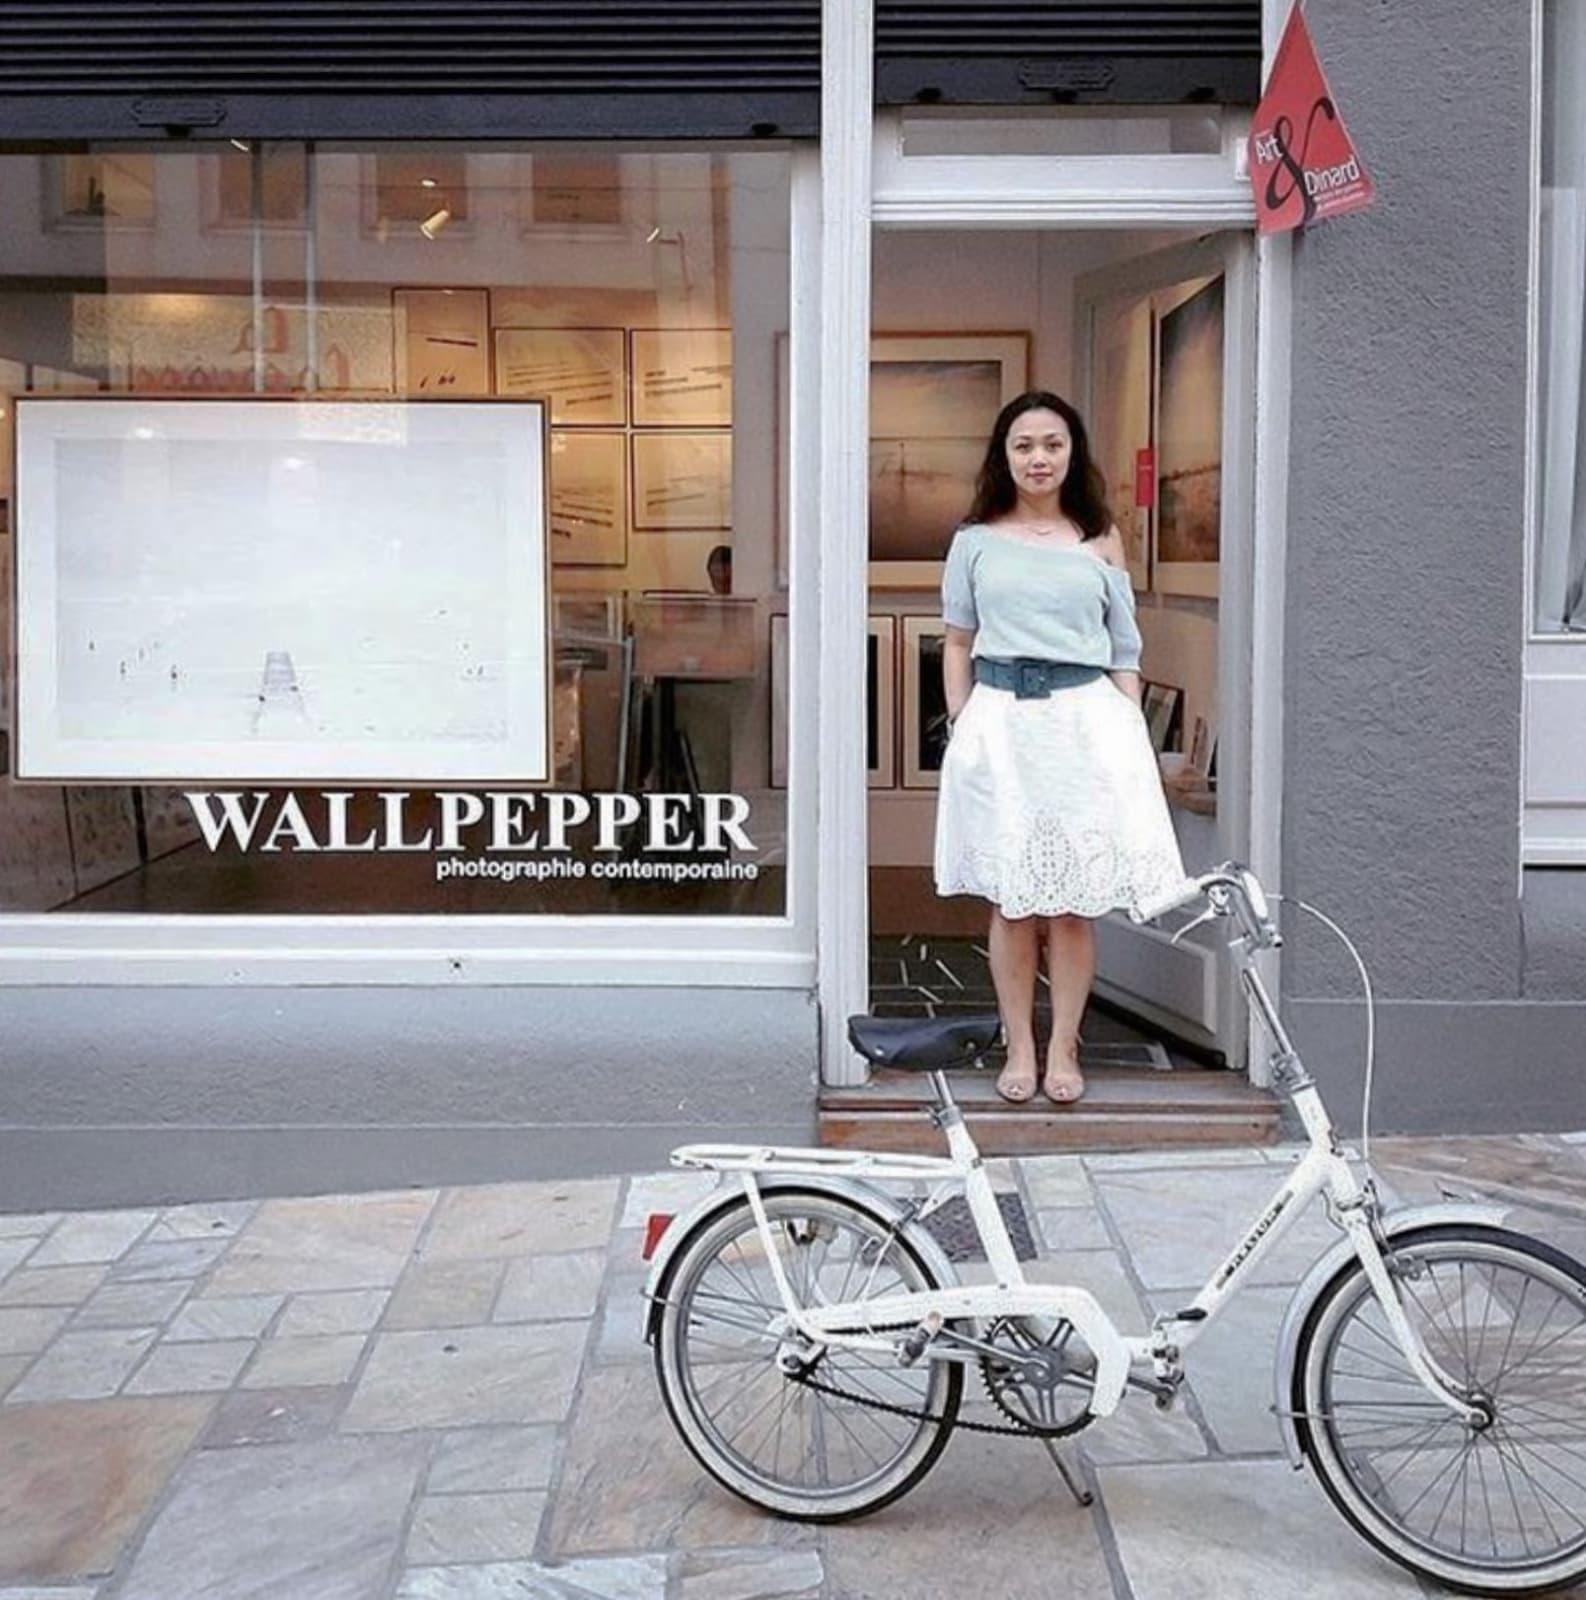 GALERIE WALLPEPPER DINARD ➕